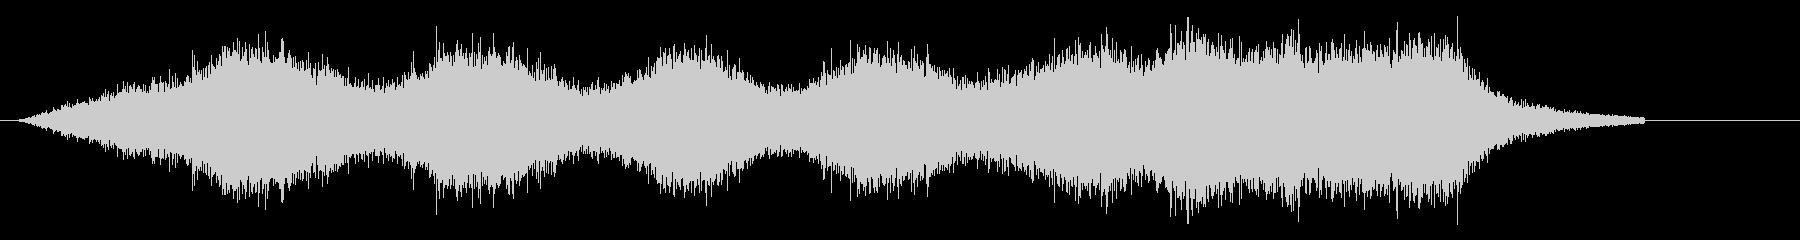 コードレス掃除機を使用する音の未再生の波形